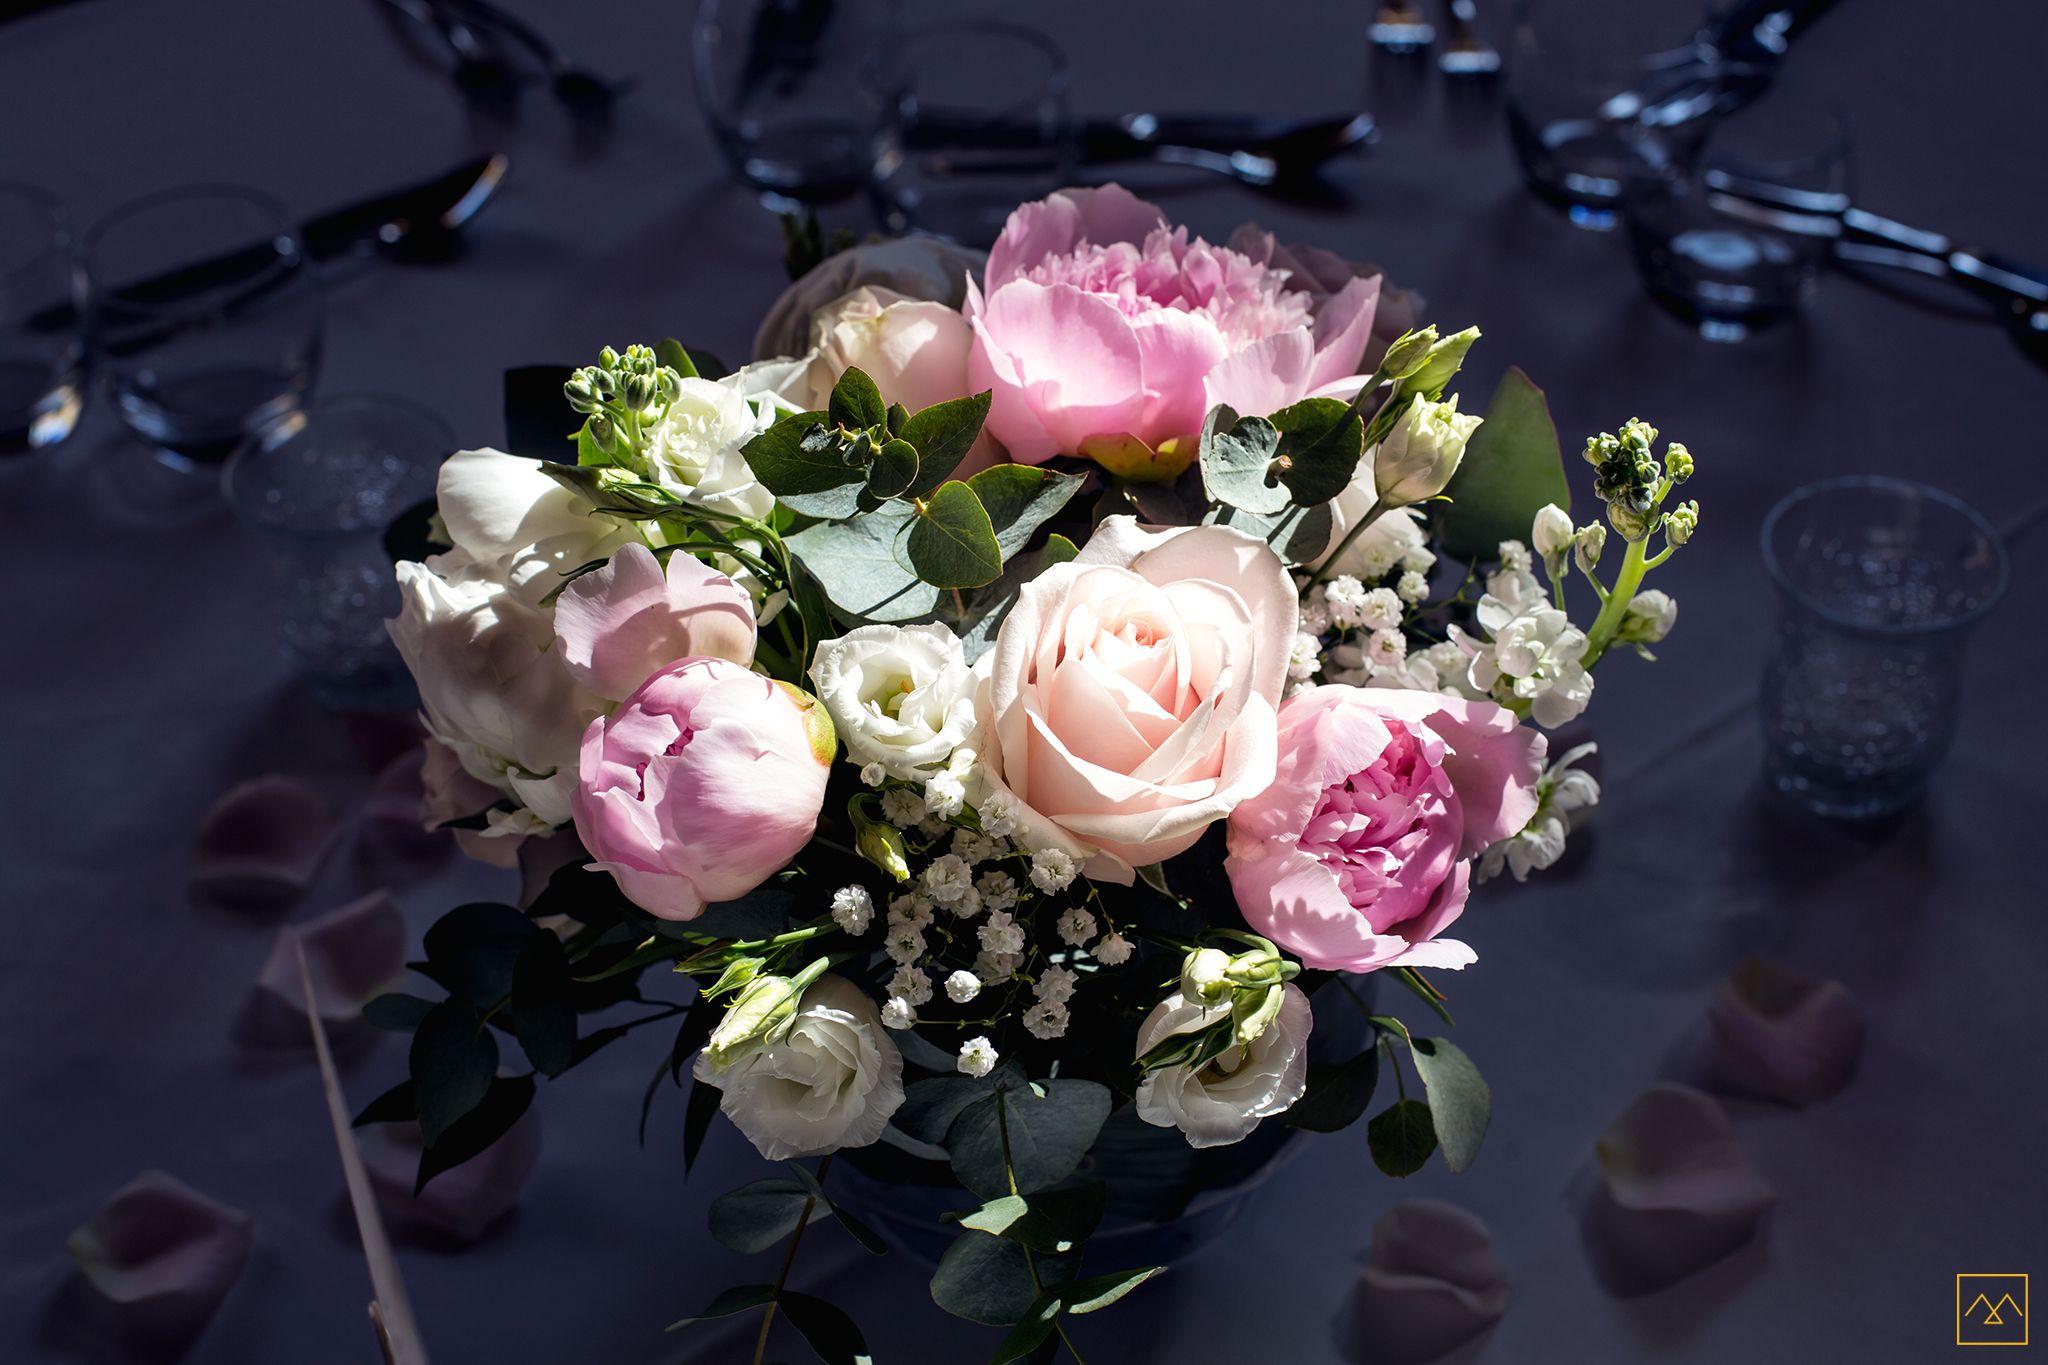 composition florale sur table. ©amédézal #fleurs #bouquet #table